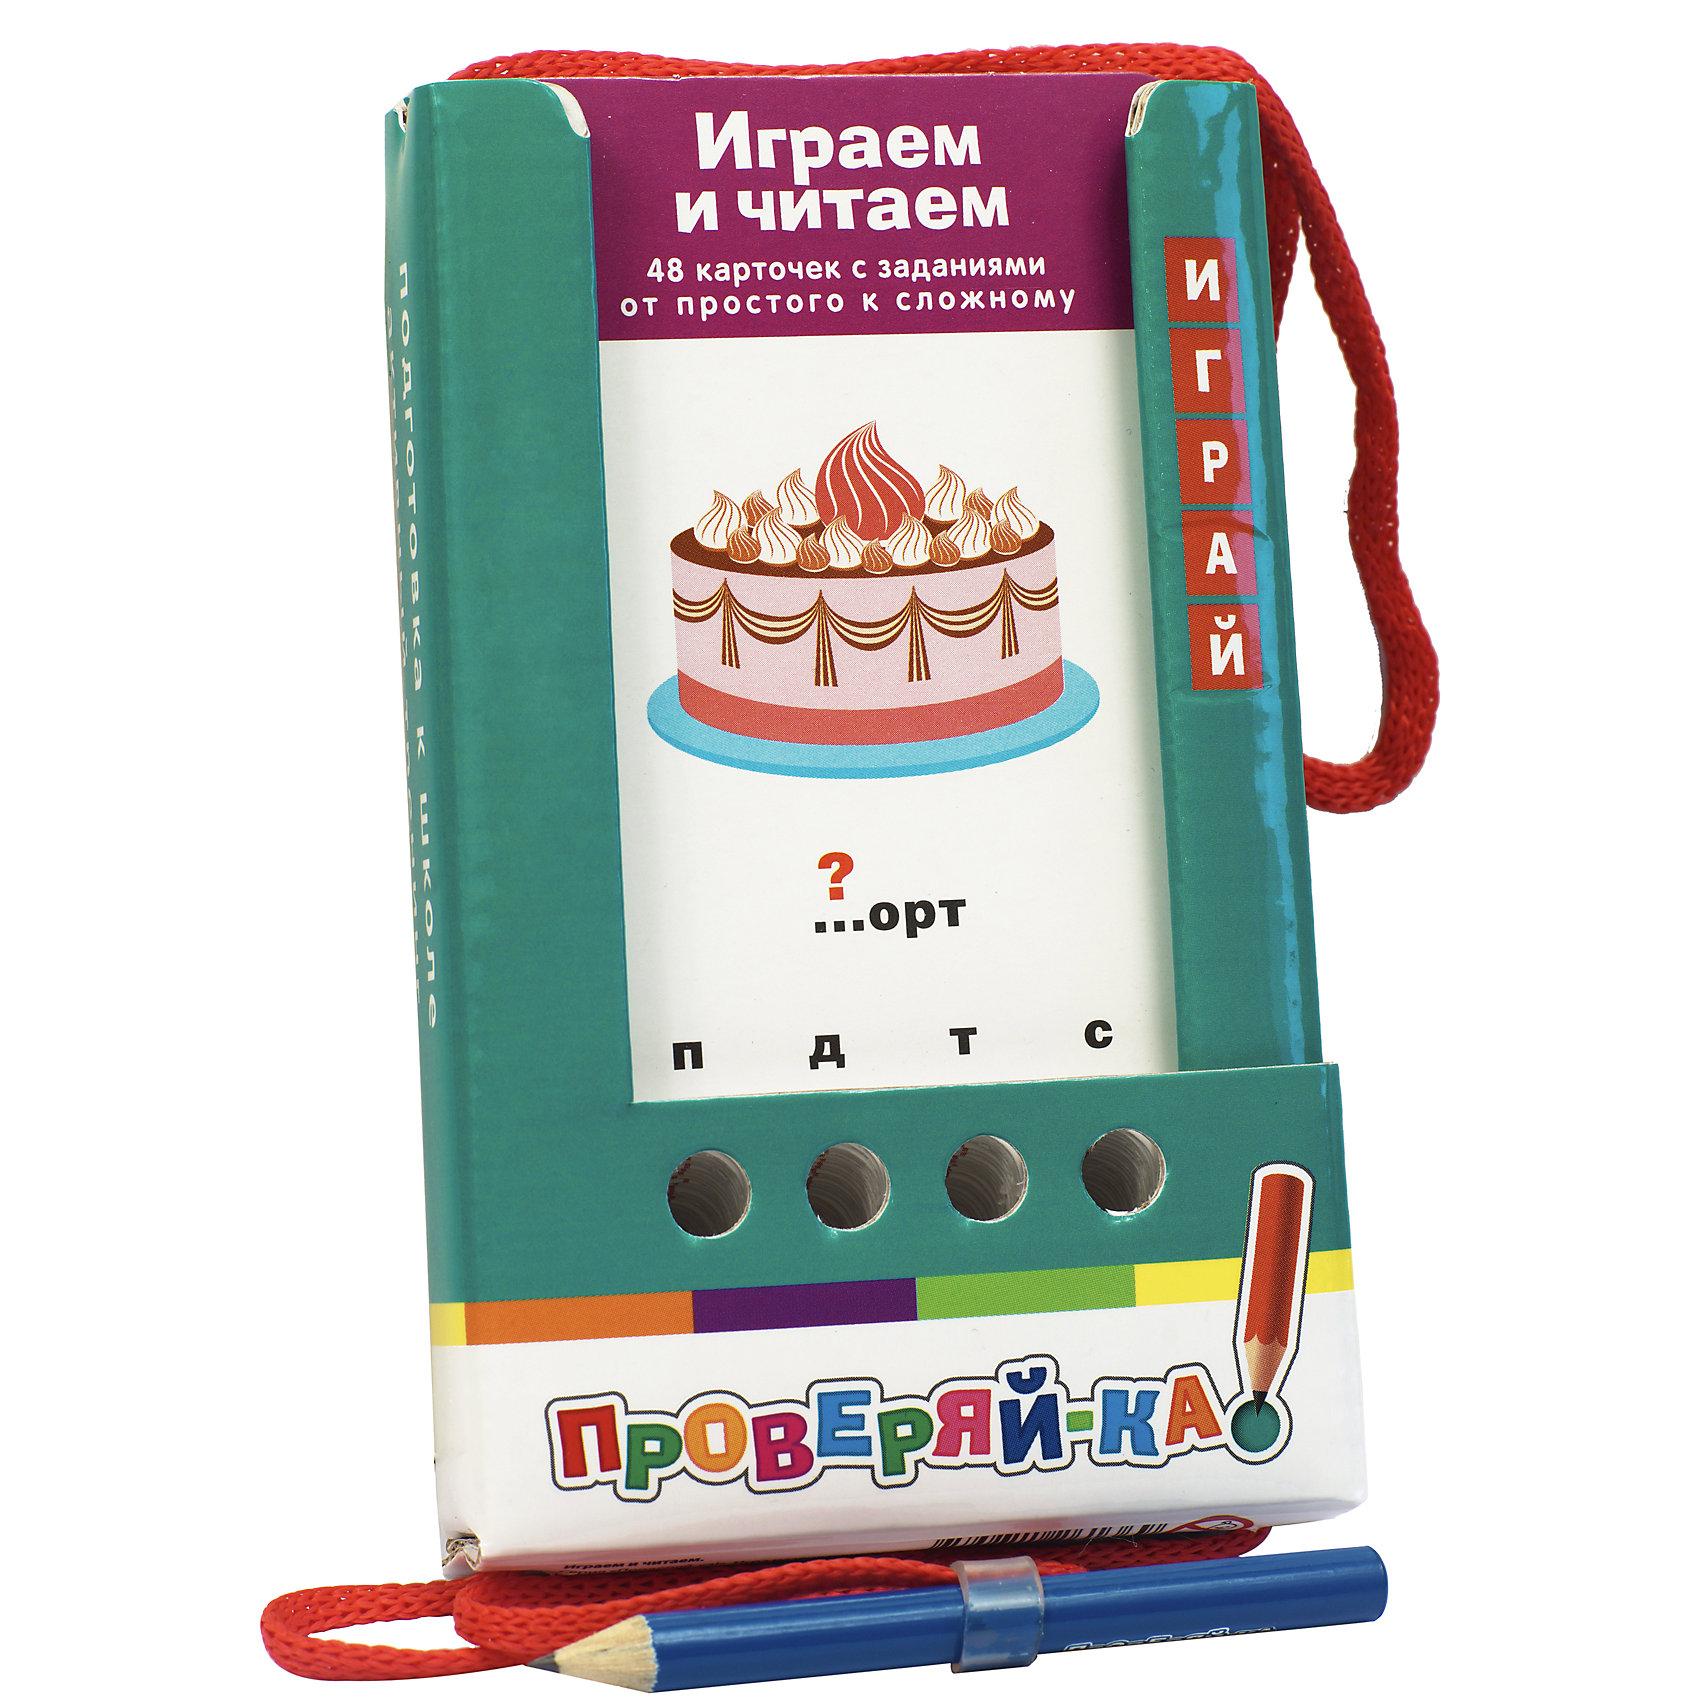 English: Проверяй-ка: Играем и читаем, Куликова Е.Н., Овчинникова Н.Н.Иностранный язык<br>Комплект состоит из 48 двухсторонних карточек и рассчитан на две разных игры с цветной и чёрно-белой сторонами. Карточки с увлекательными заданиями помогут ребёнку освоить азы чтения. Играя, он научится складывать слоги, составлять слова из двух-трёх слогов, читать и писать первые, в том числе многосложные, слова.&#13;<br>Условия игры с карточками подразумевают их многократное использование. Простота и удобство комплекта позволяют организовать игру в детском саду, в школе, дома, а также в транспорте или на природе. Благодаря игровой форме пособия учебный материал усваивается легче и без принуждения, реализуется безопасное для здоровья ребёнка обучение.<br><br>Ширина мм: 22<br>Глубина мм: 90<br>Высота мм: 140<br>Вес г: 120<br>Возраст от месяцев: 72<br>Возраст до месяцев: 96<br>Пол: Унисекс<br>Возраст: Детский<br>SKU: 6849598